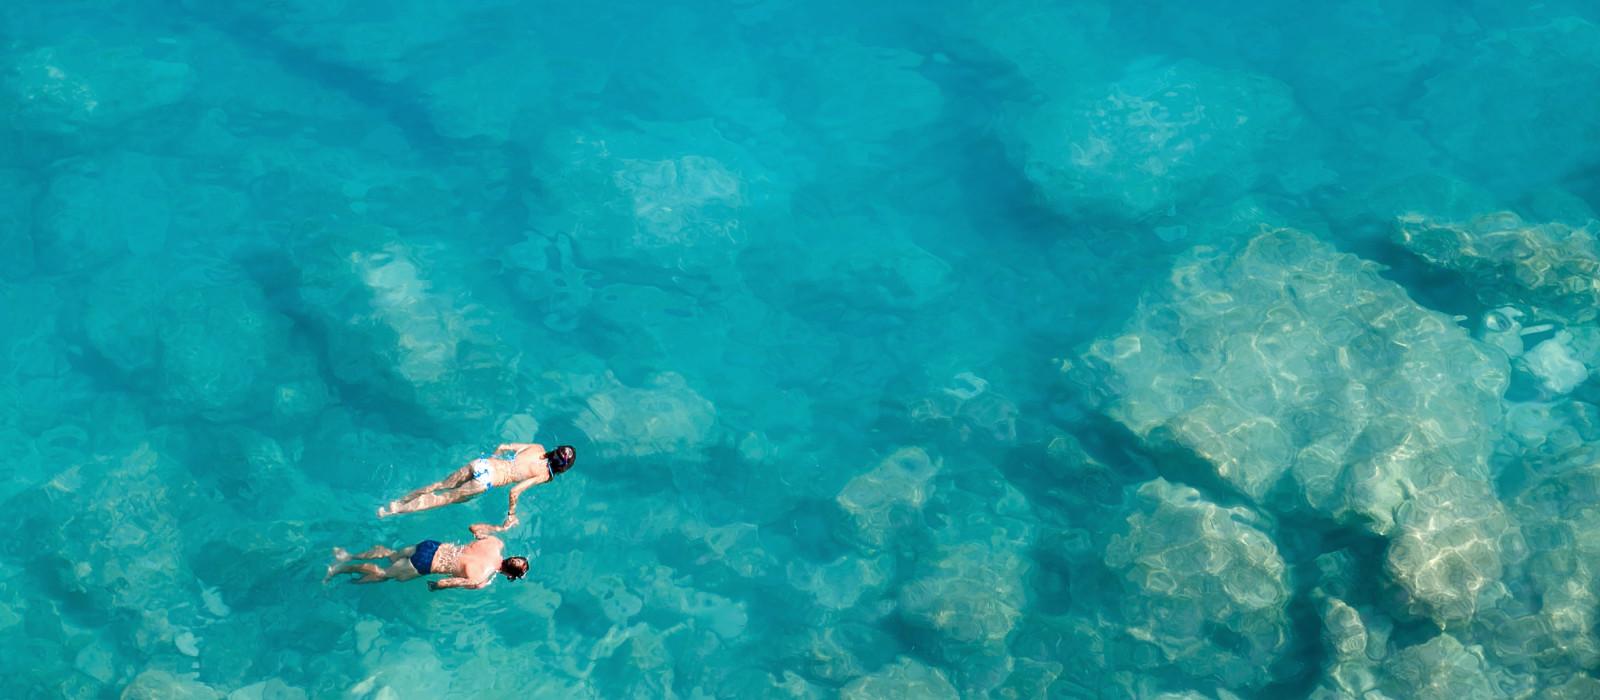 Paar beim Schnorcheln, Malediven, Asien - Geschichte der Malediven